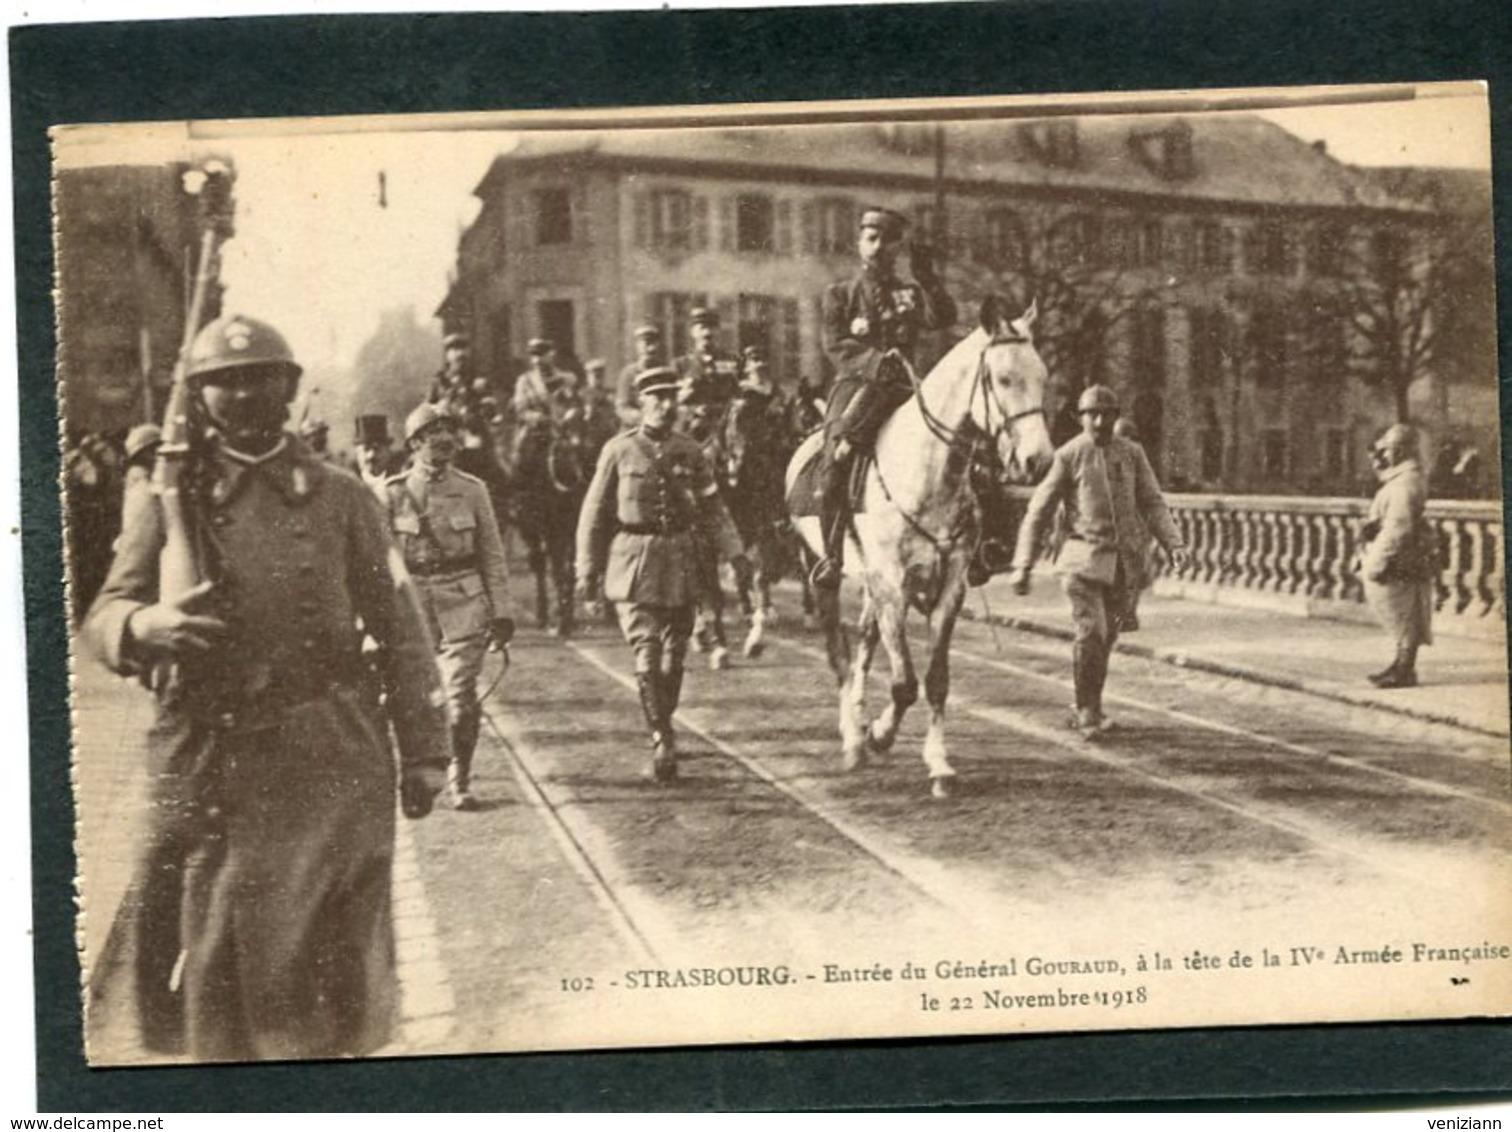 CPA - STRASBOURG - Entrée Du Général Gouraud à La Tête De La IVè Armée Française Le 22 Novembre 1918, Très Animé - Guerre 1914-18